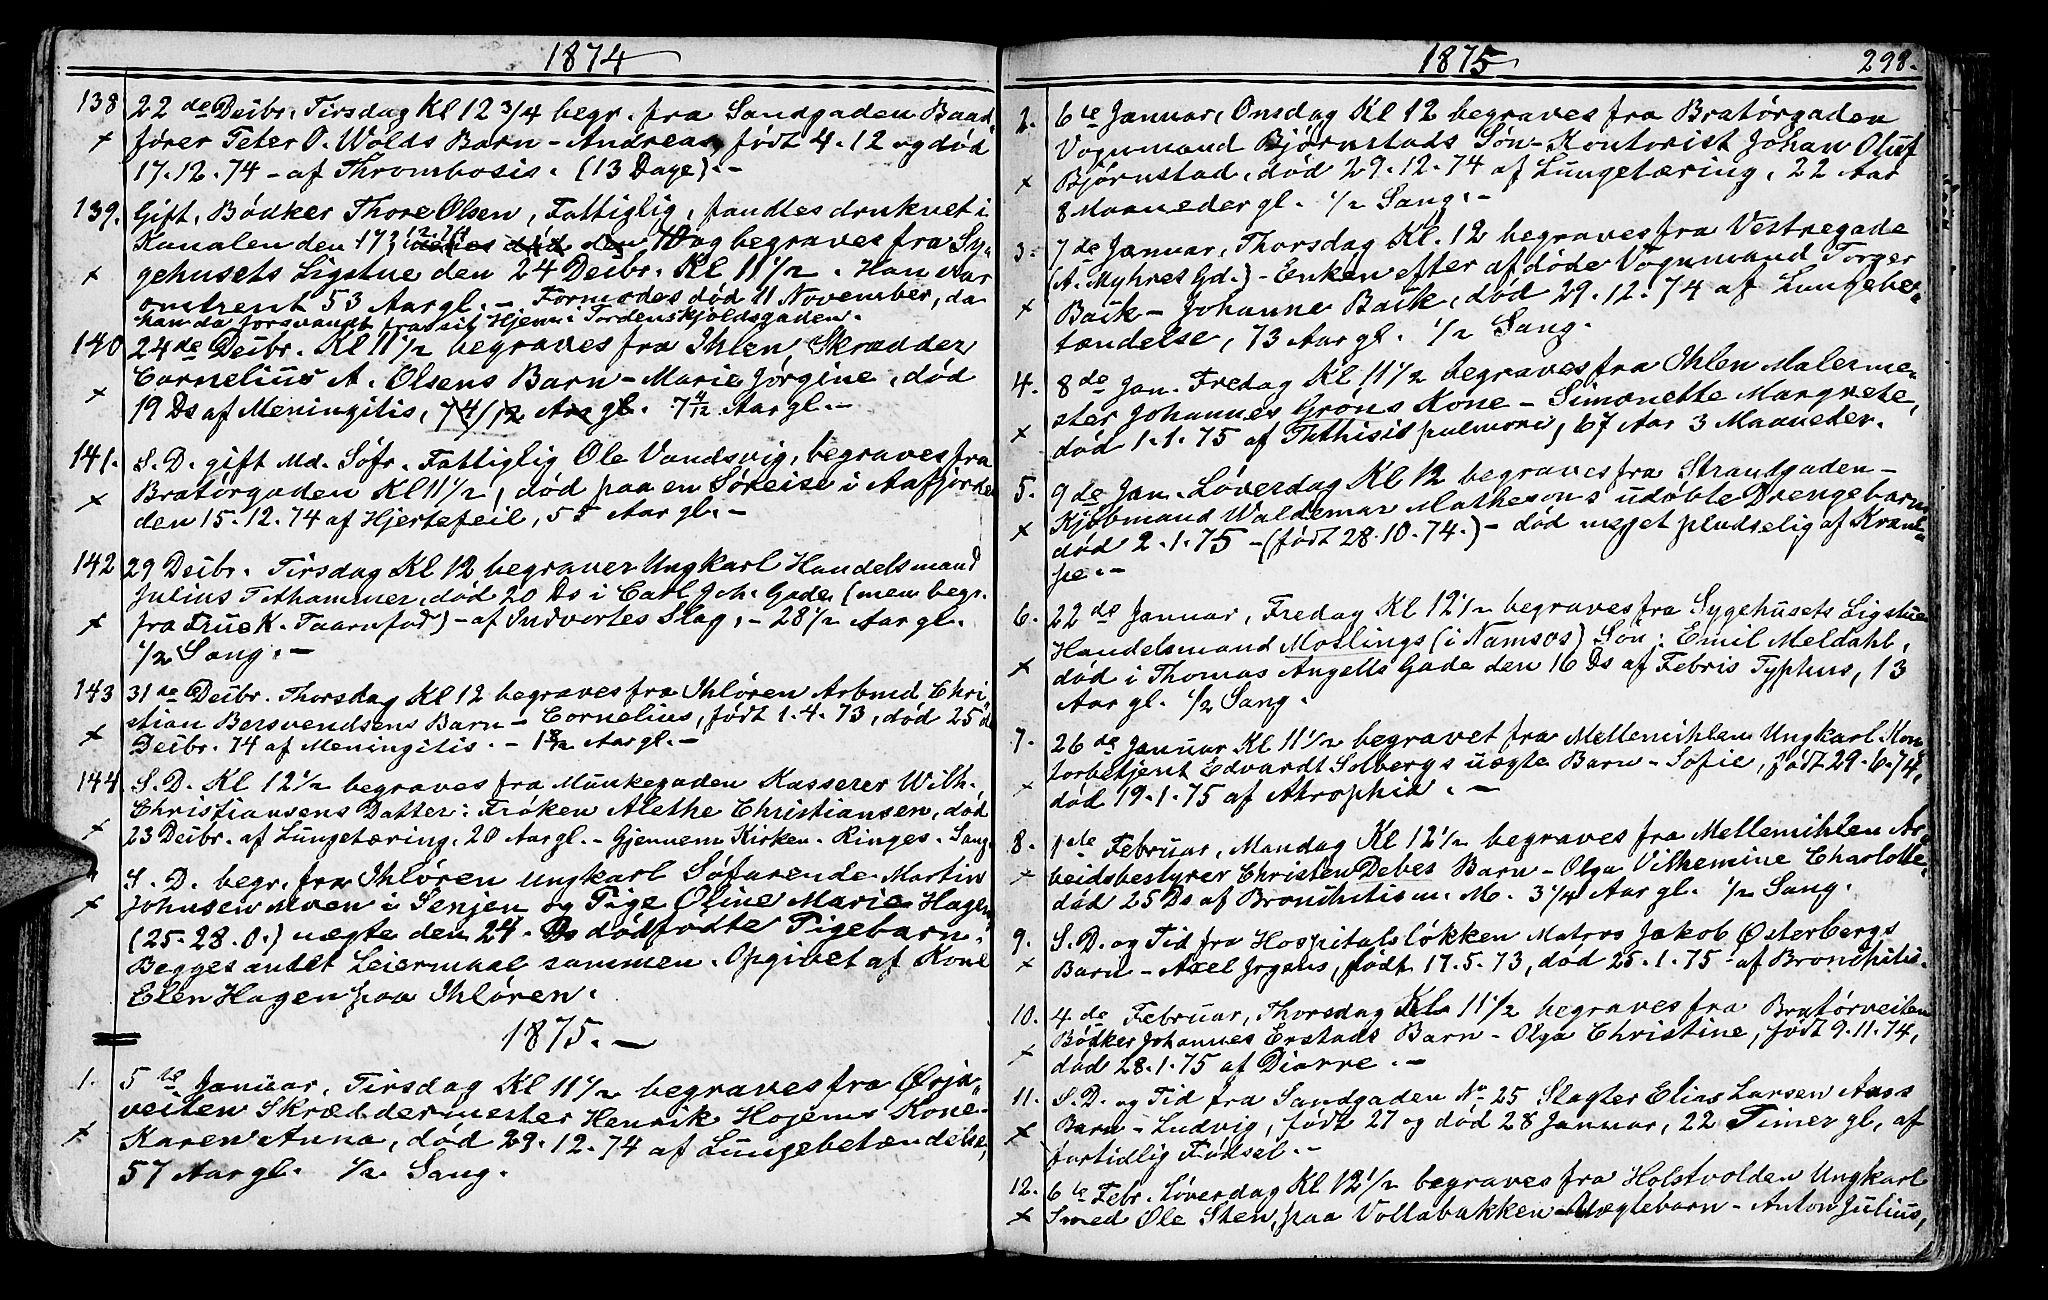 SAT, Ministerialprotokoller, klokkerbøker og fødselsregistre - Sør-Trøndelag, 602/L0142: Klokkerbok nr. 602C10, 1872-1894, s. 298